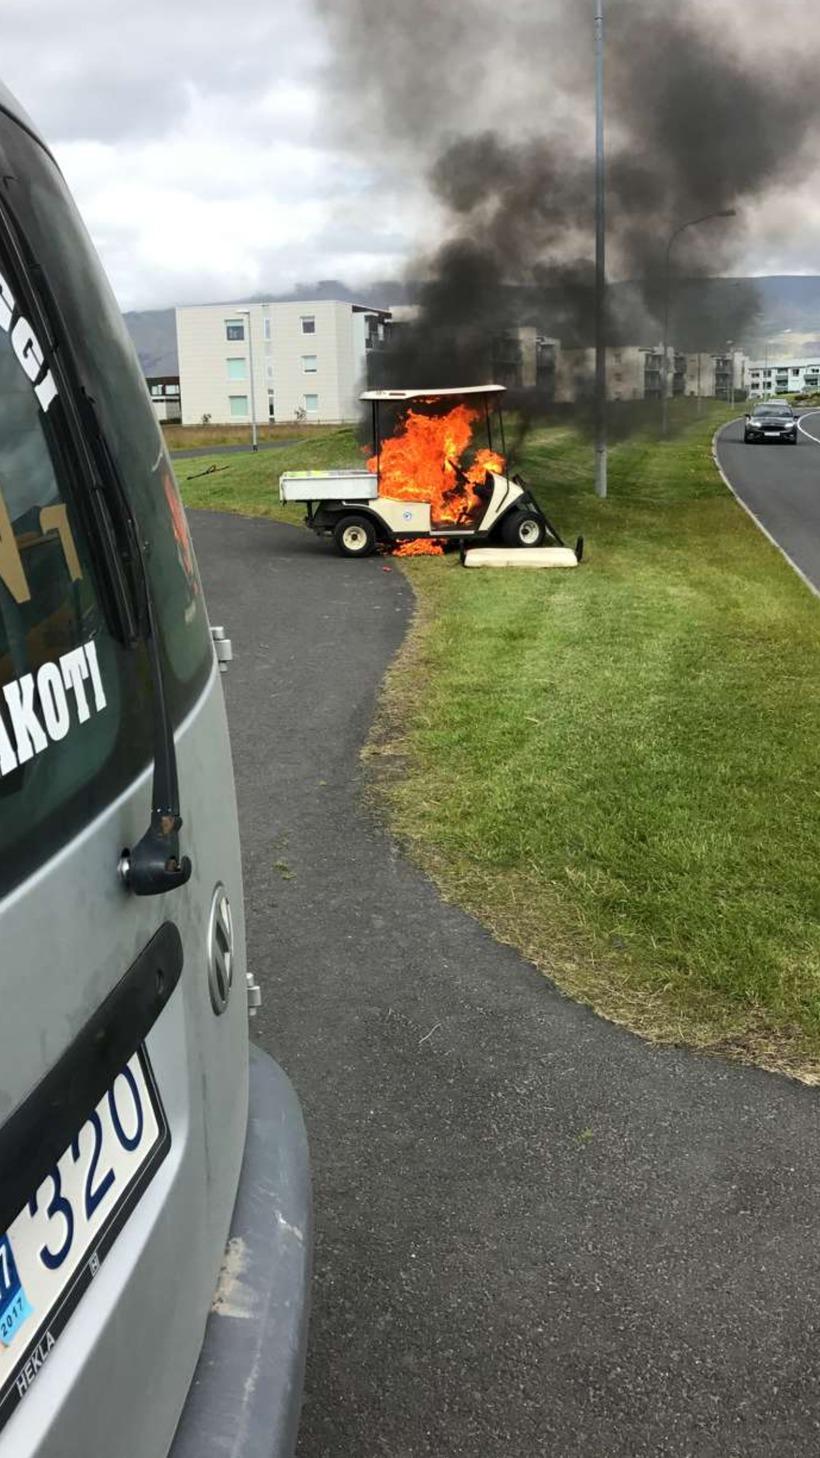 Golfbíll í eigu Golfklúbbs Mosfellsbæjar gjöreyðilagðist þegar eldur kom upp ...